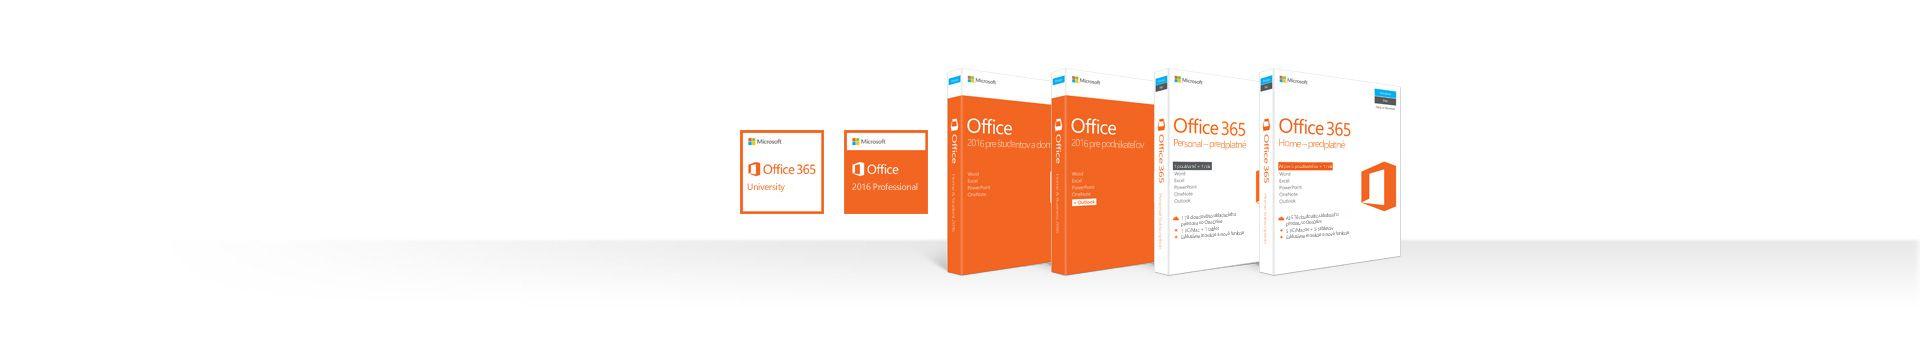 Riadok polí predstavujúci predplatné a samostatné produkty balíka Office pre PC